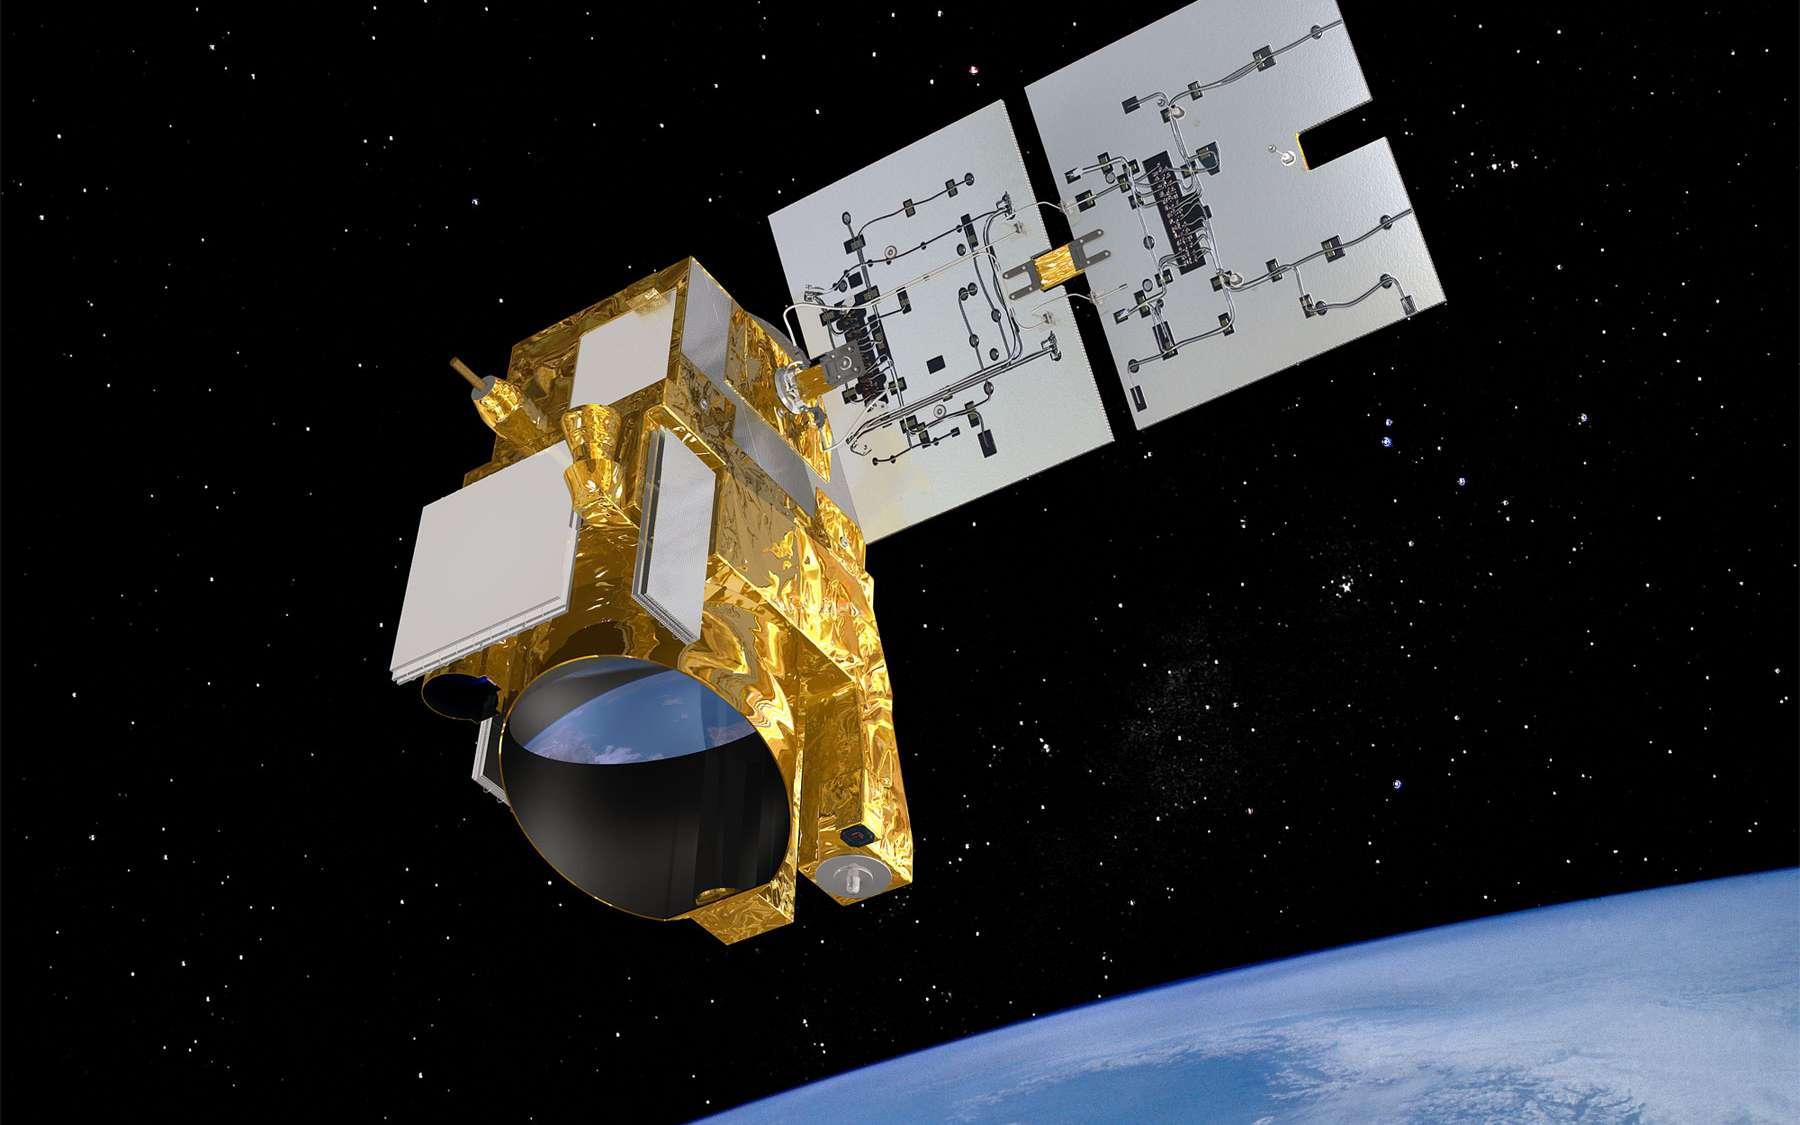 Merlin devrait être lancé d'ici 2020, à bord d'un lanceur Soyouz depuis le Centre spatial de Kourou. Sa durée de vie sera alors d'au moins trois ans. Il sera le premier satellite à utiliser la nouvelle plateforme de la filière Myriade (Myriade Evolution). © Cnes